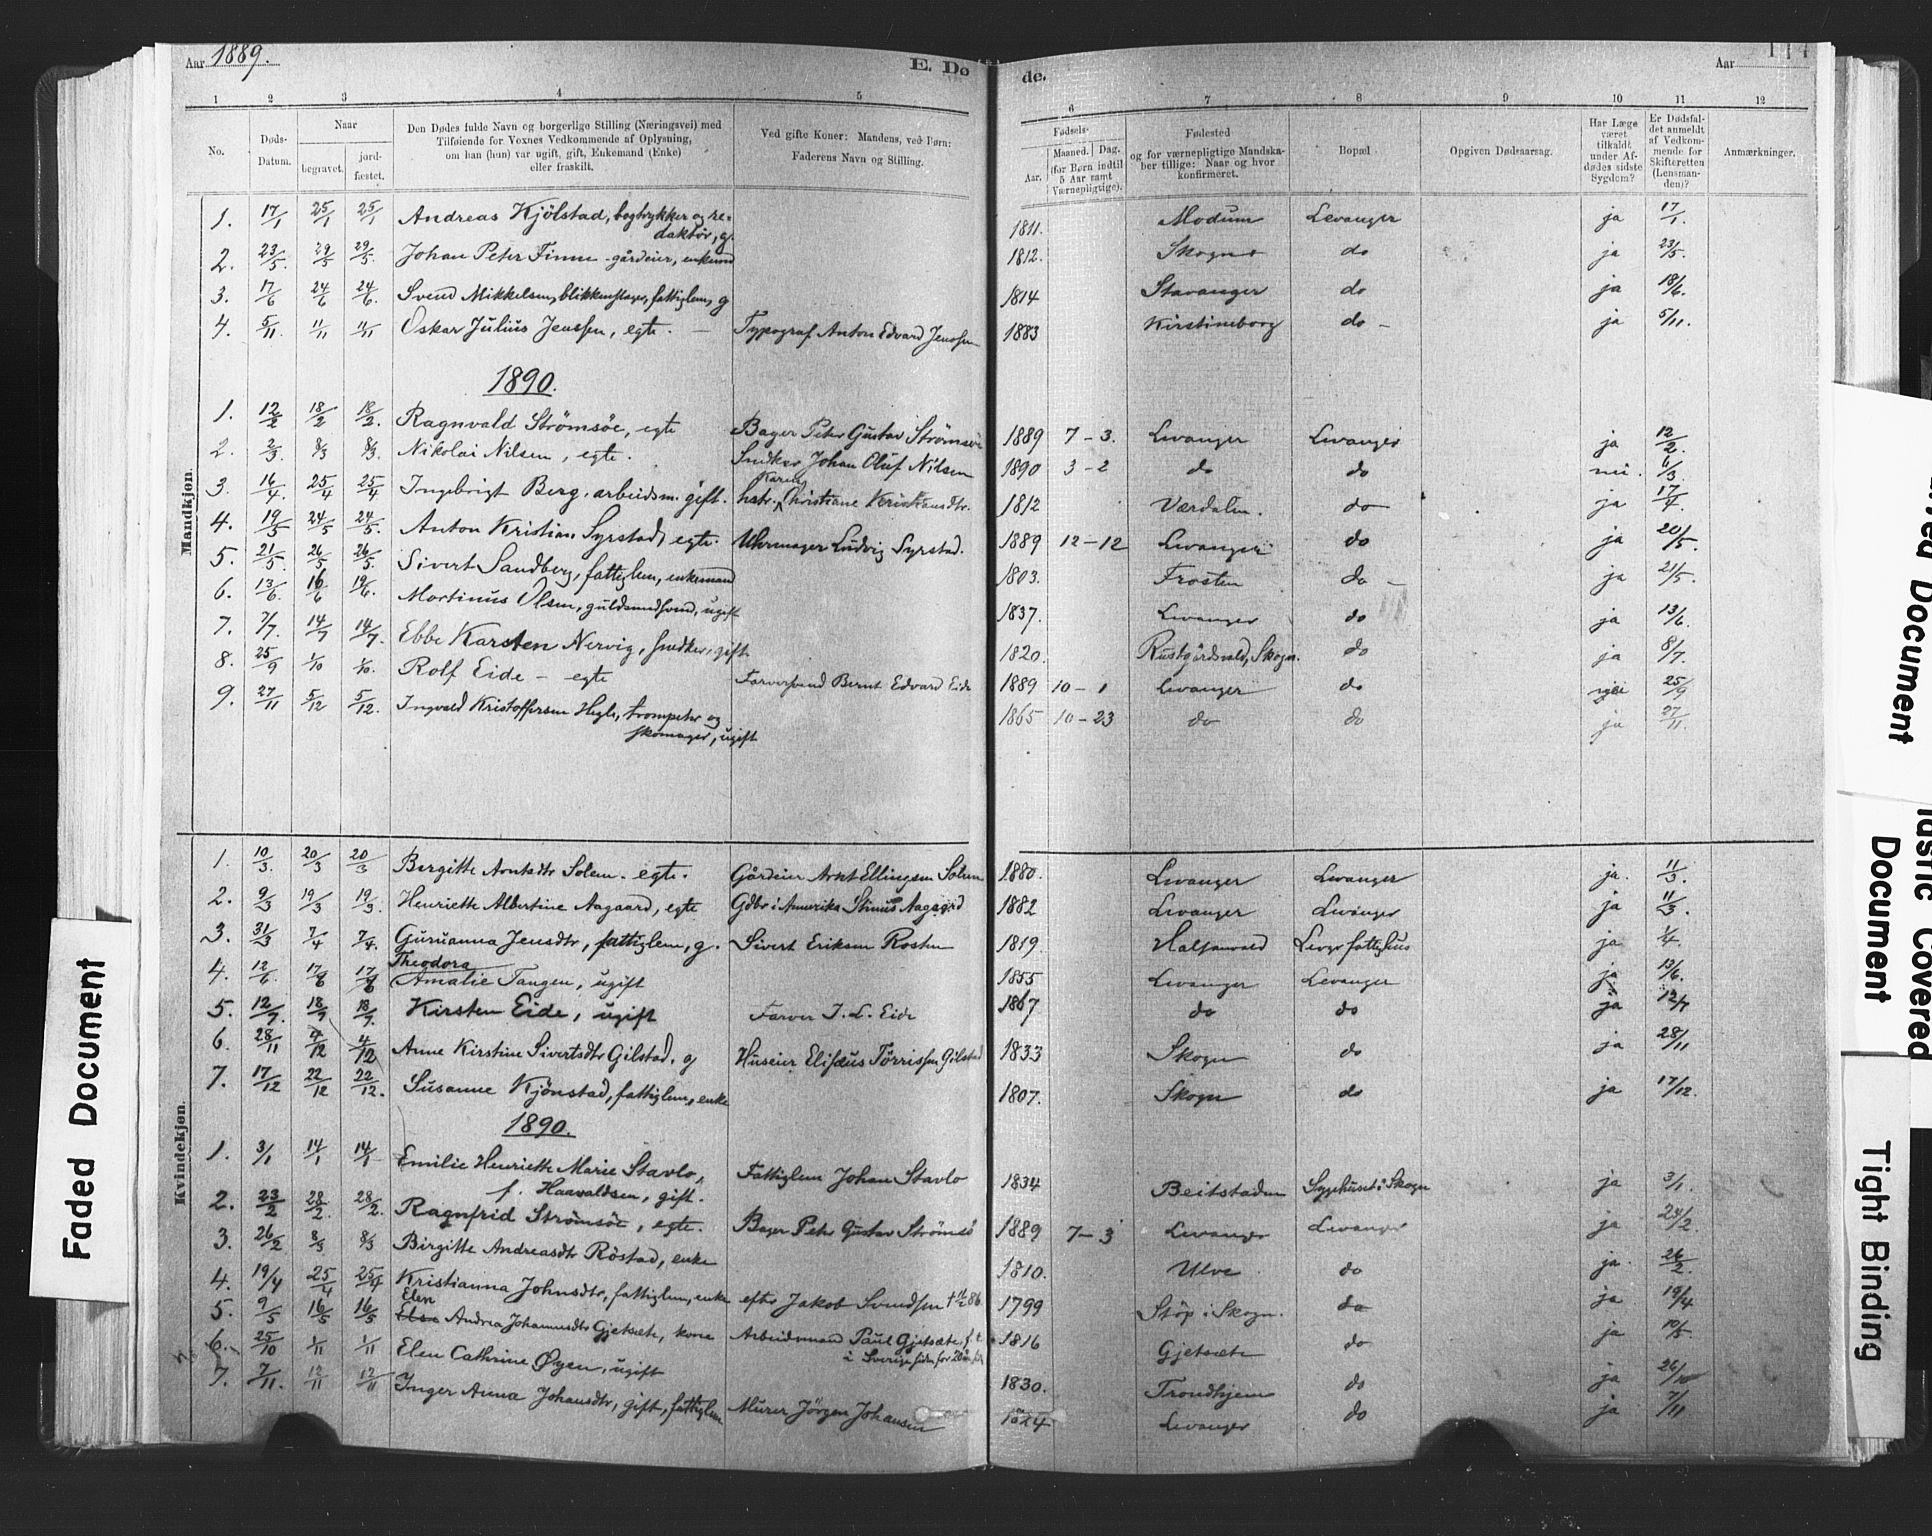 SAT, Ministerialprotokoller, klokkerbøker og fødselsregistre - Nord-Trøndelag, 720/L0189: Ministerialbok nr. 720A05, 1880-1911, s. 114